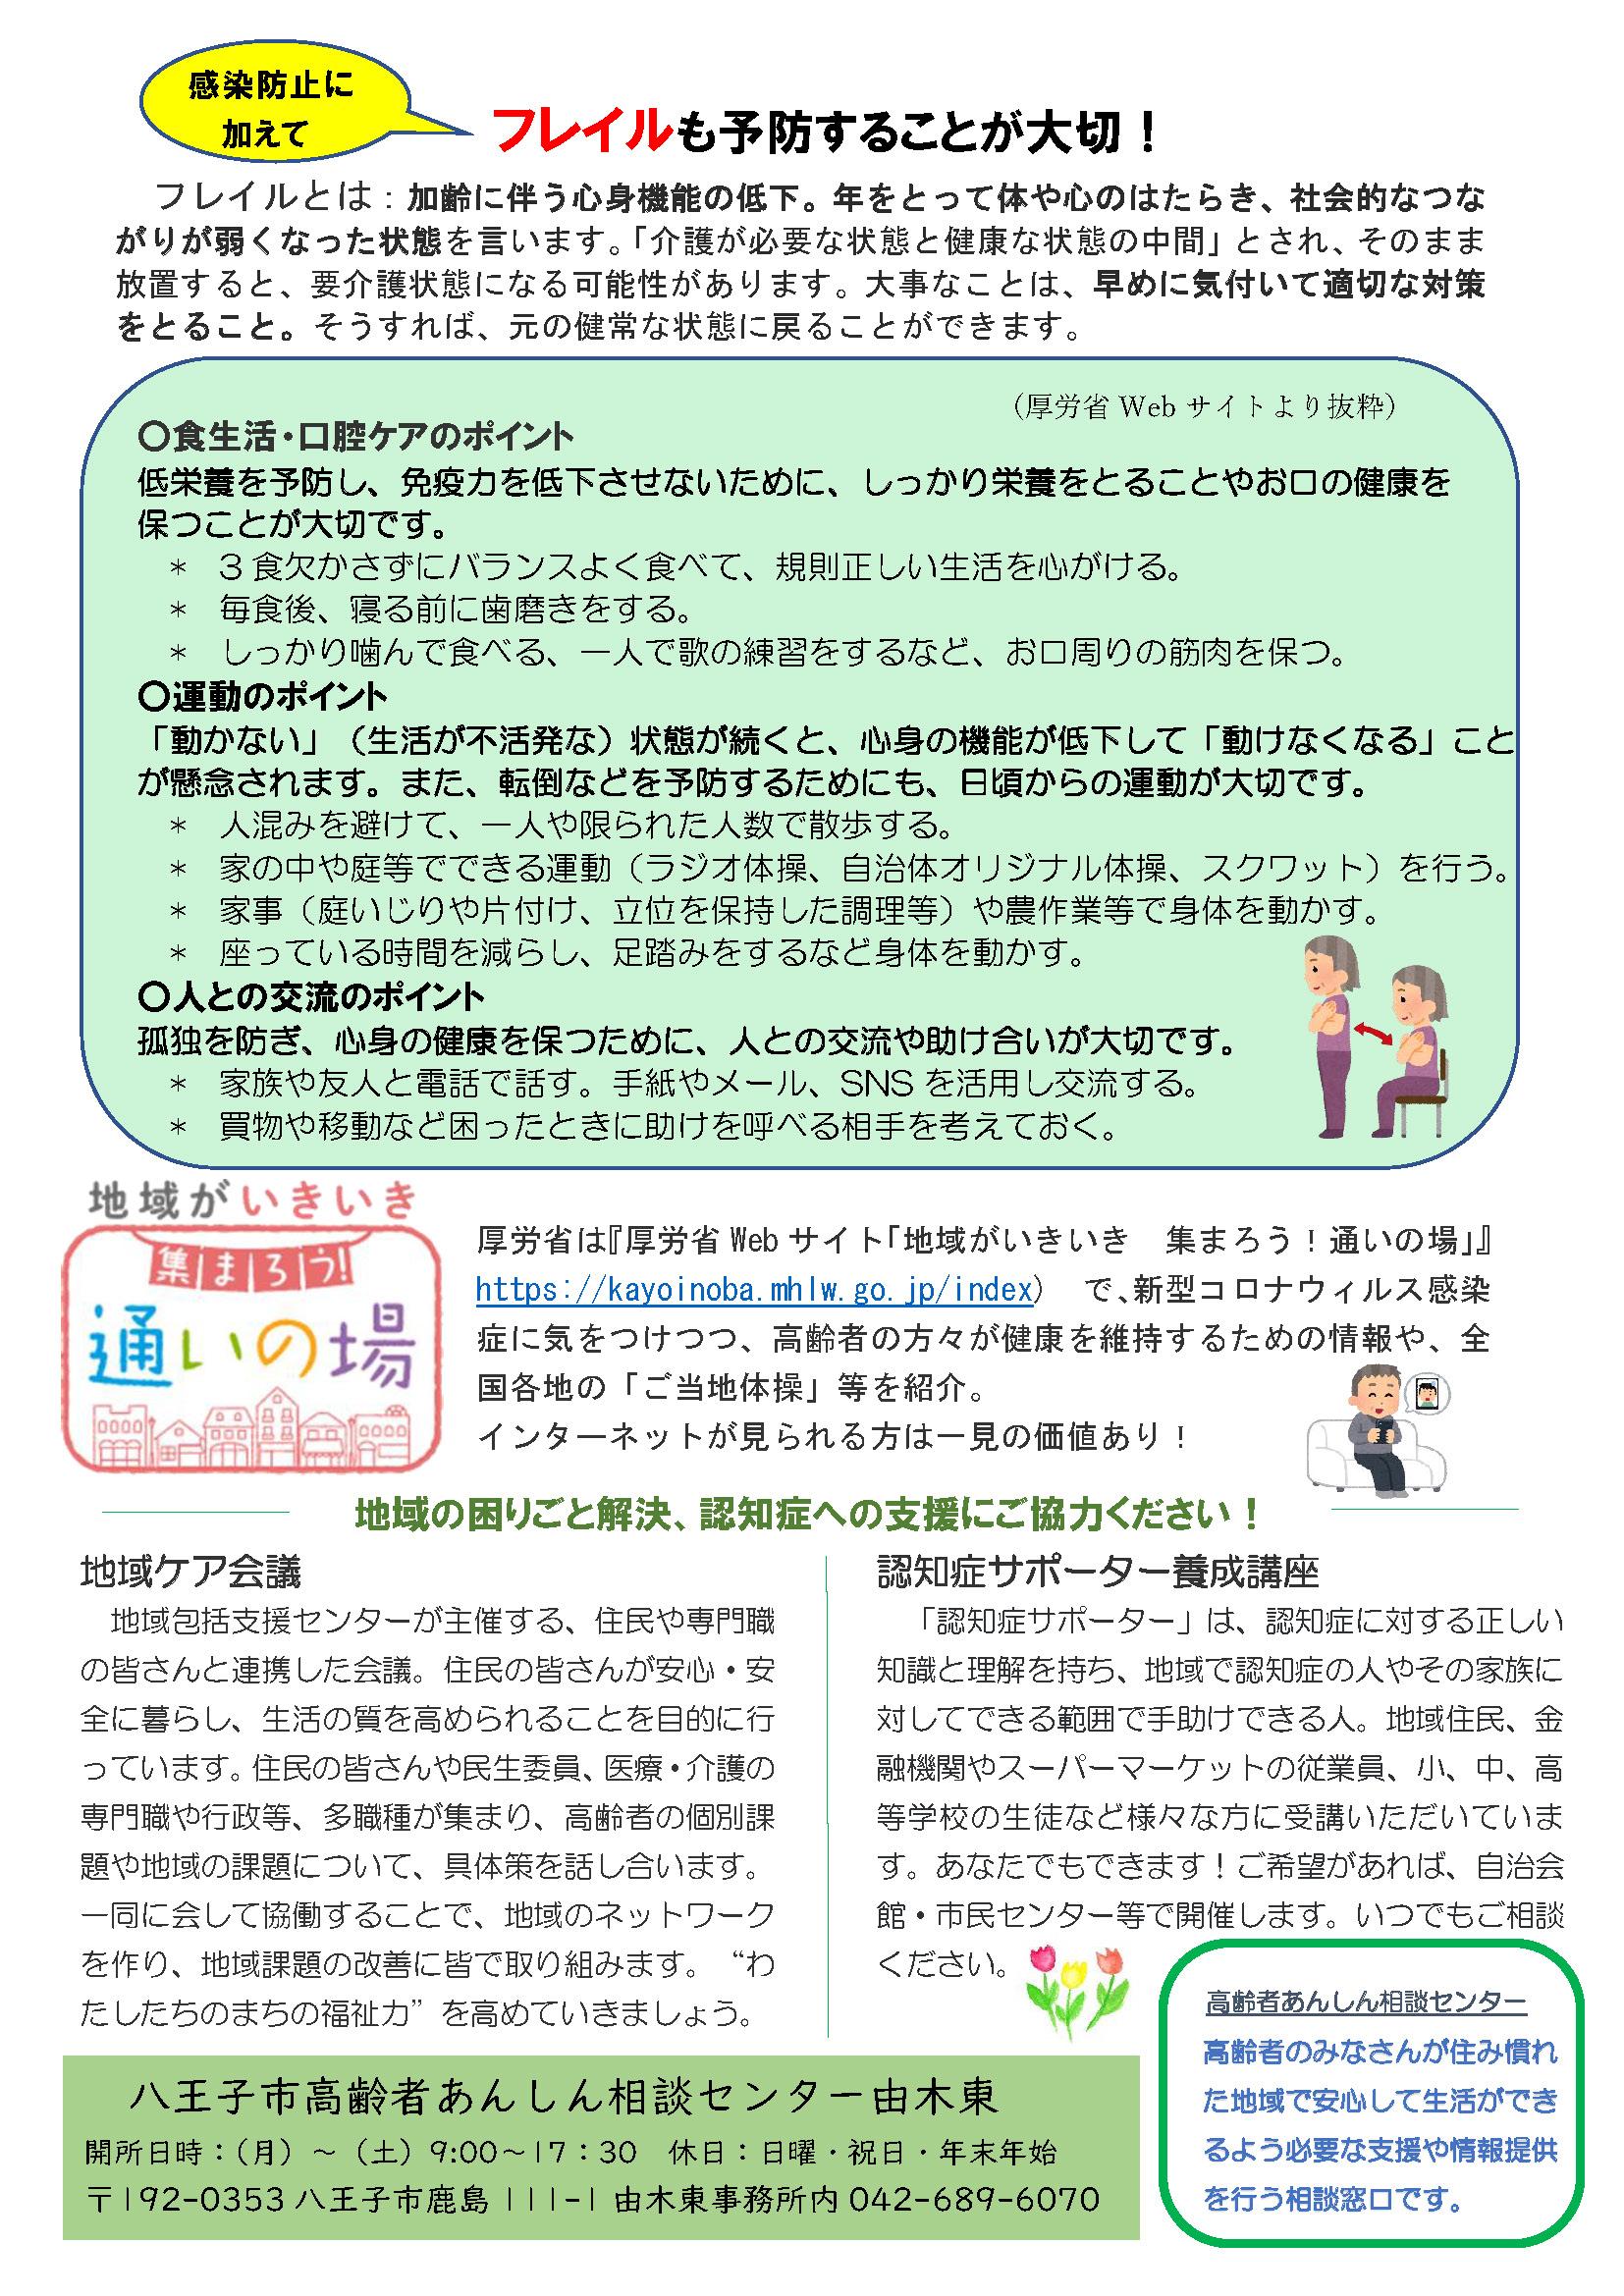 由木東つうしんNo.3(裏面)